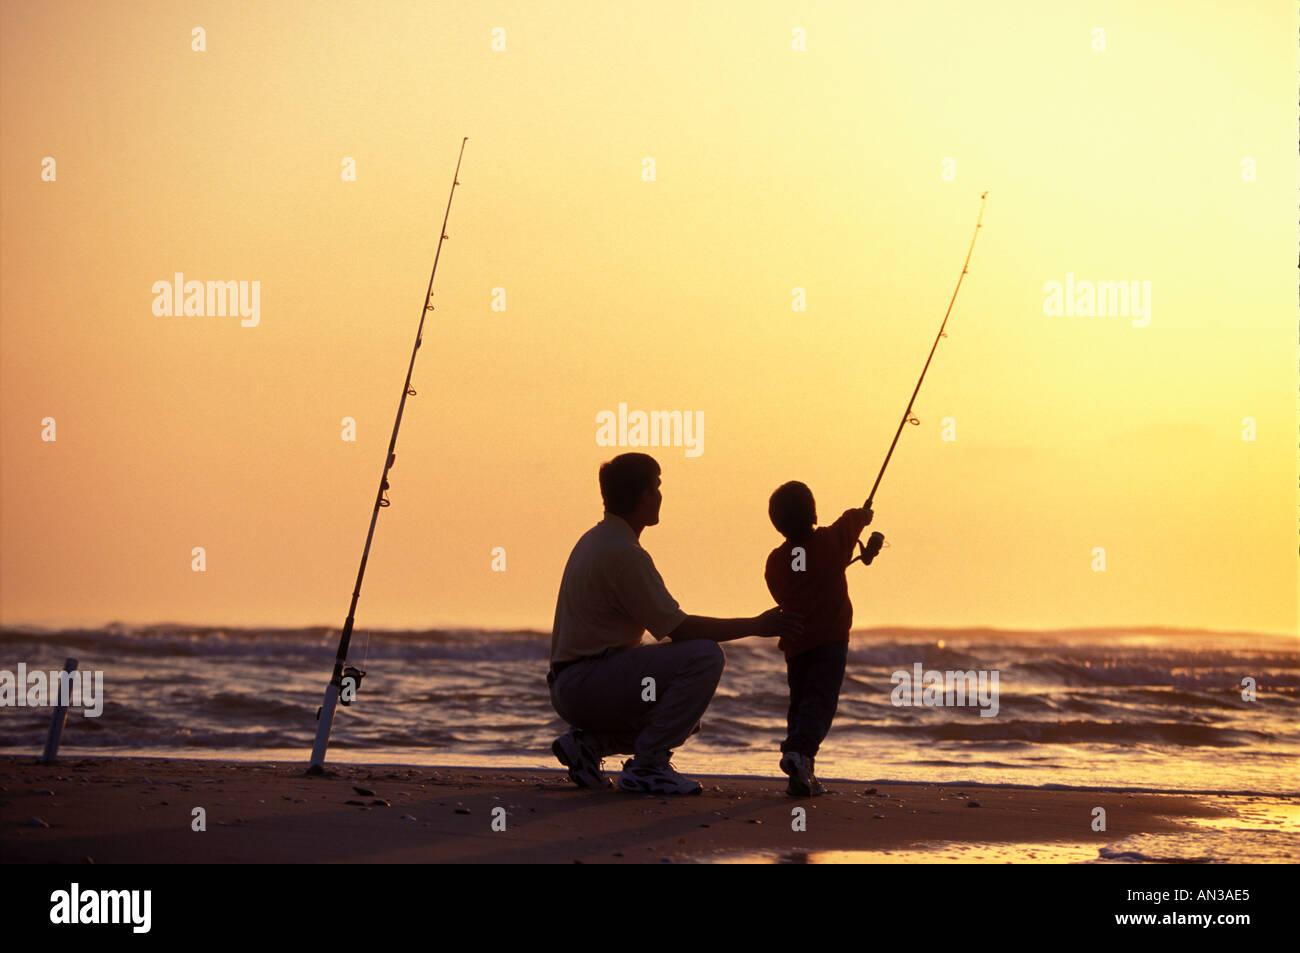 Vater seine sonTo surfen Fisch am Strand in North Carolina Stockbild